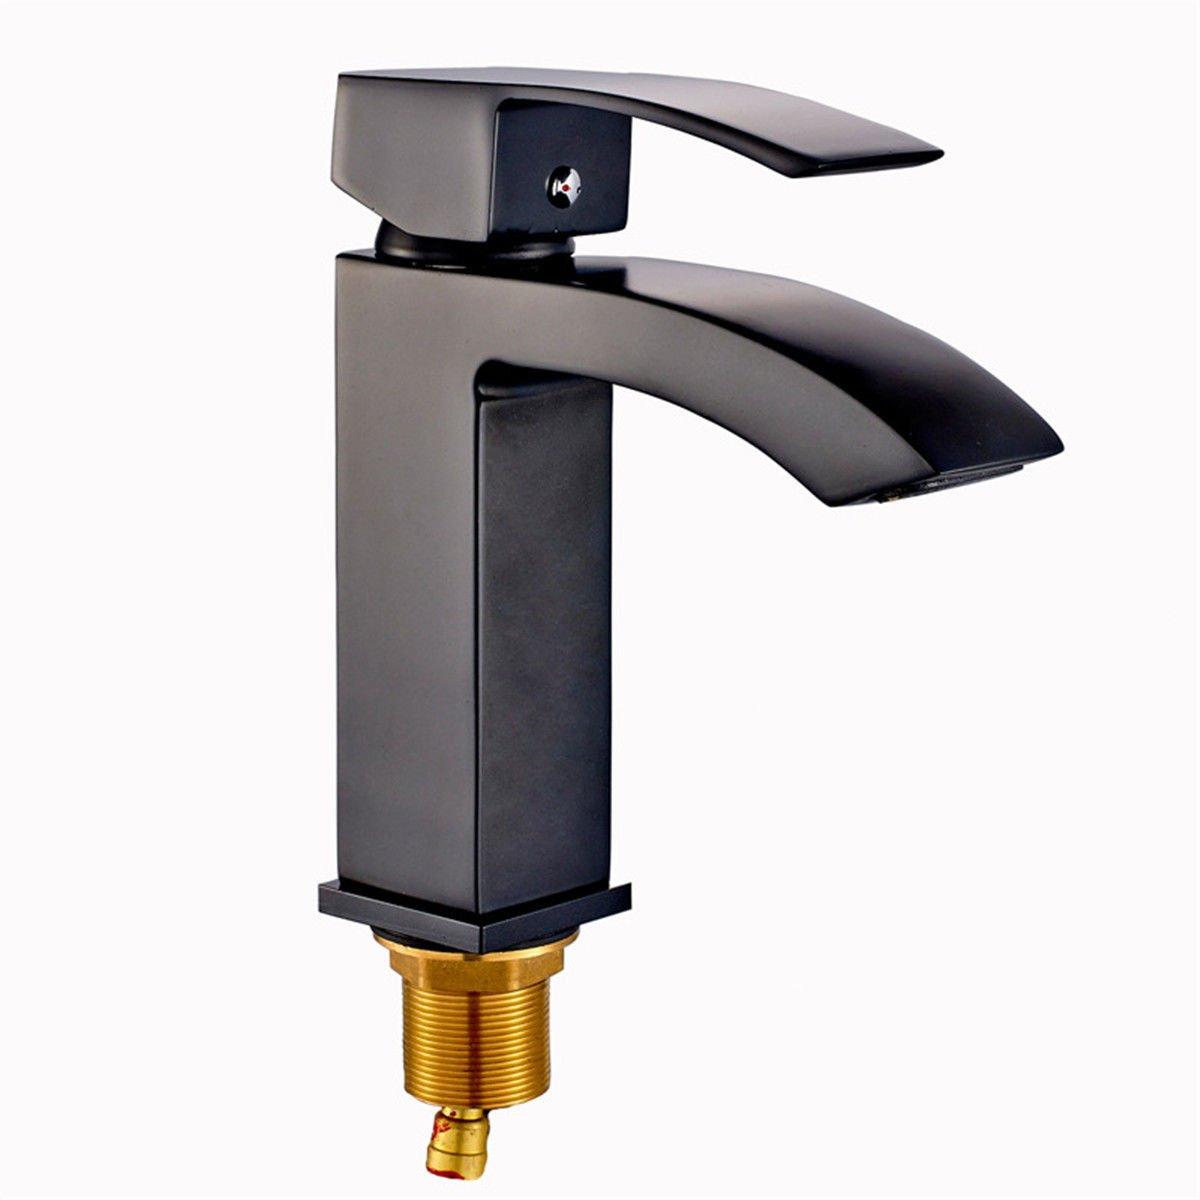 ANNTYE Waschtischarmatur Bad Mischbatterie Badarmatur Waschbecken Schwarzes Öl eingerieben Bronze Wasserfall mit warmen und kaltem Wasser Schwarz Badezimmer Waschtischmischer